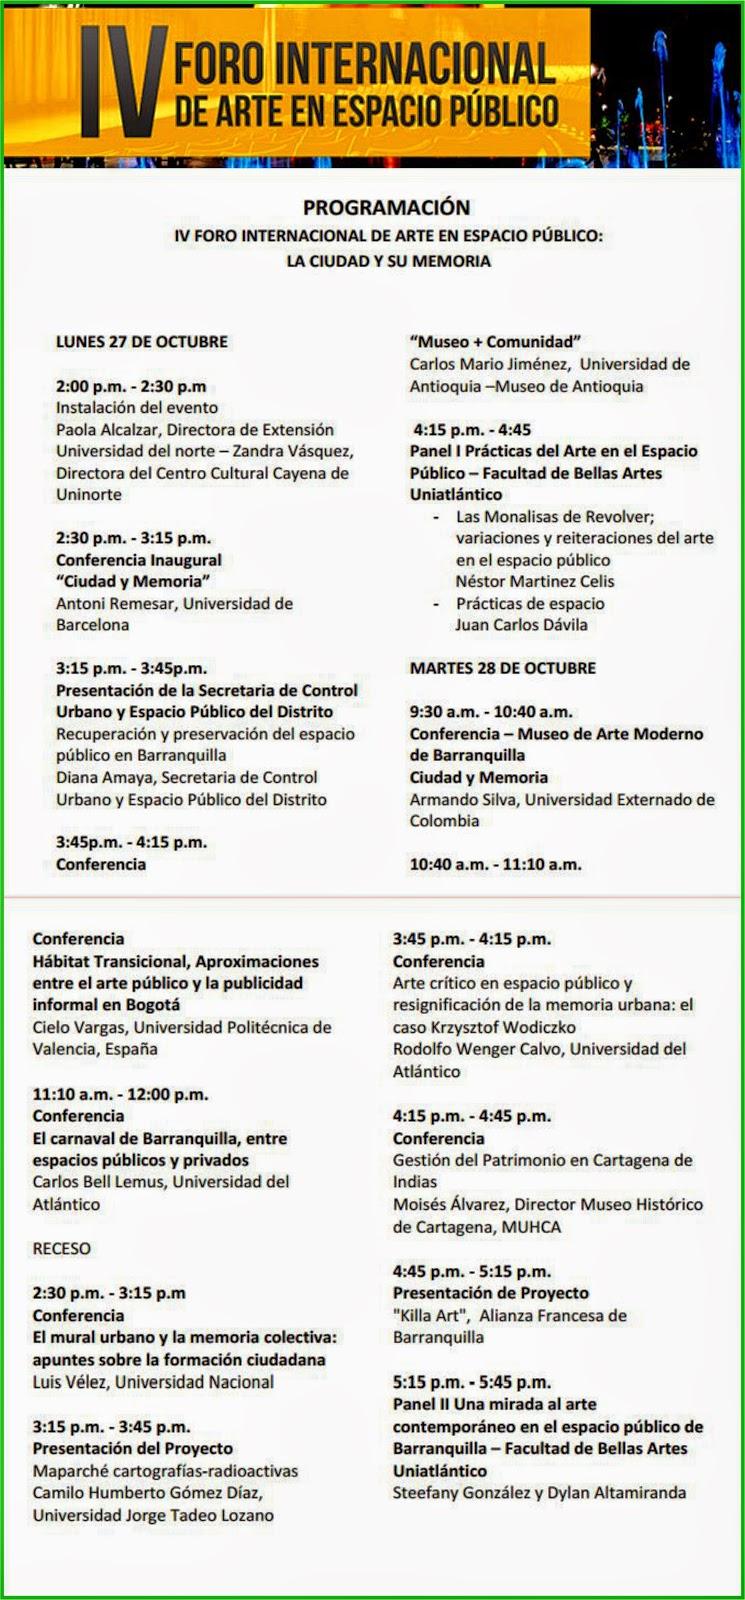 programación_foro_espacio_público_uninorte_la-ciudad-y_su_memoria_vamosenmovimiento.blogspot.com_